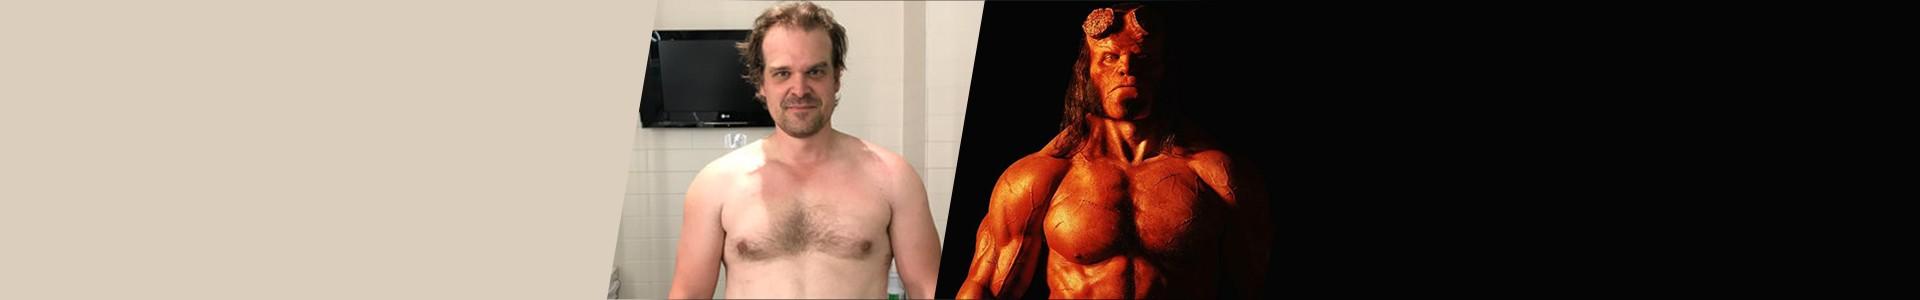 Hellboy: A transformação de David Harbour de Stranger Things